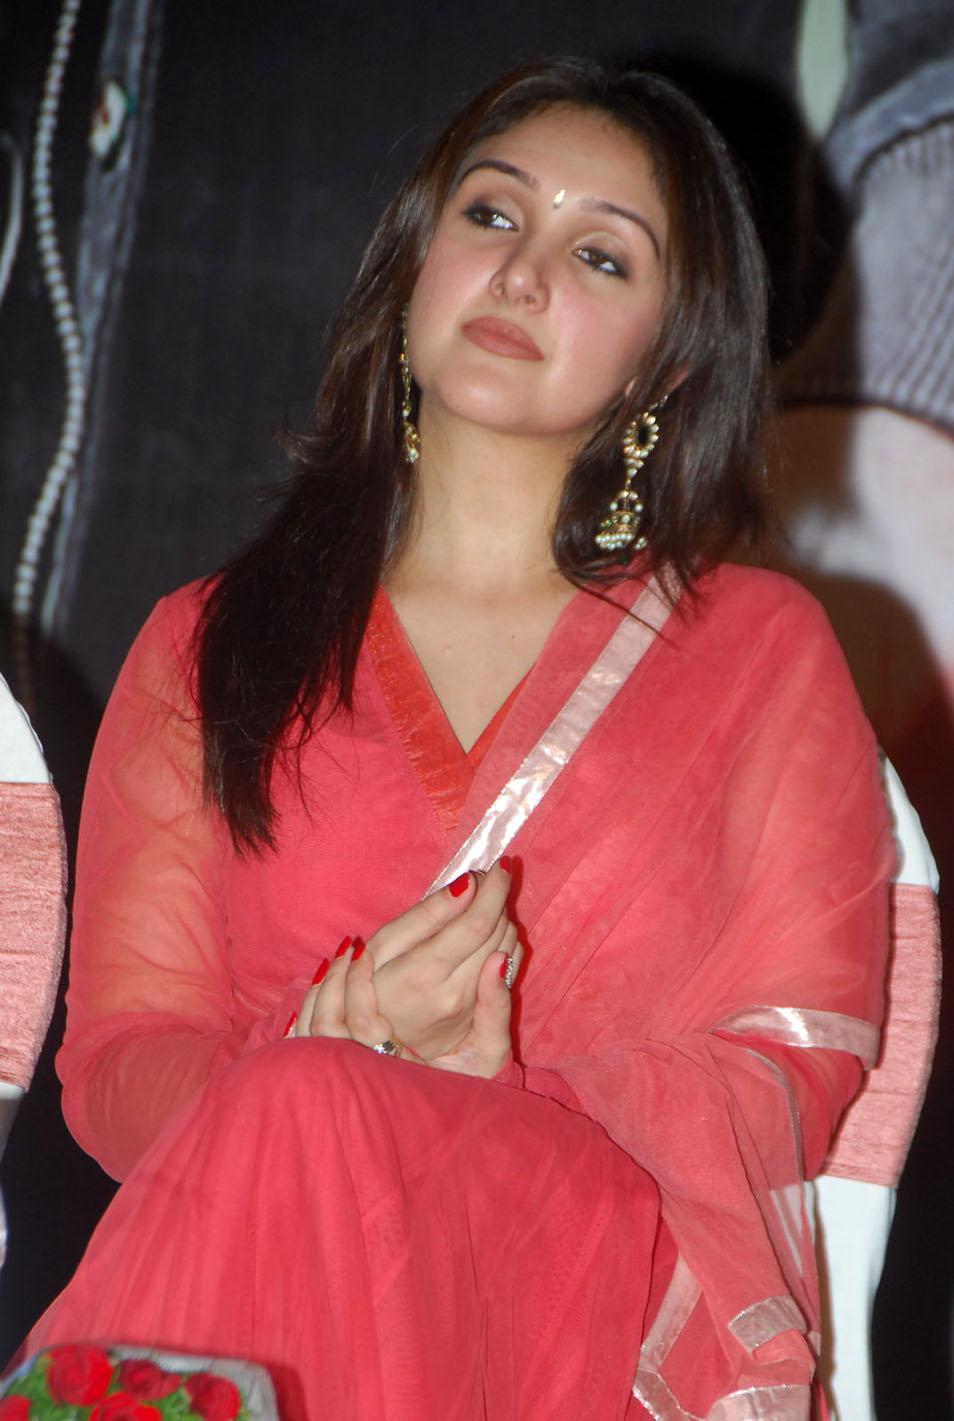 Qui n quiencom) Instagram photos and videos Telugu actress sridevi marriage photos